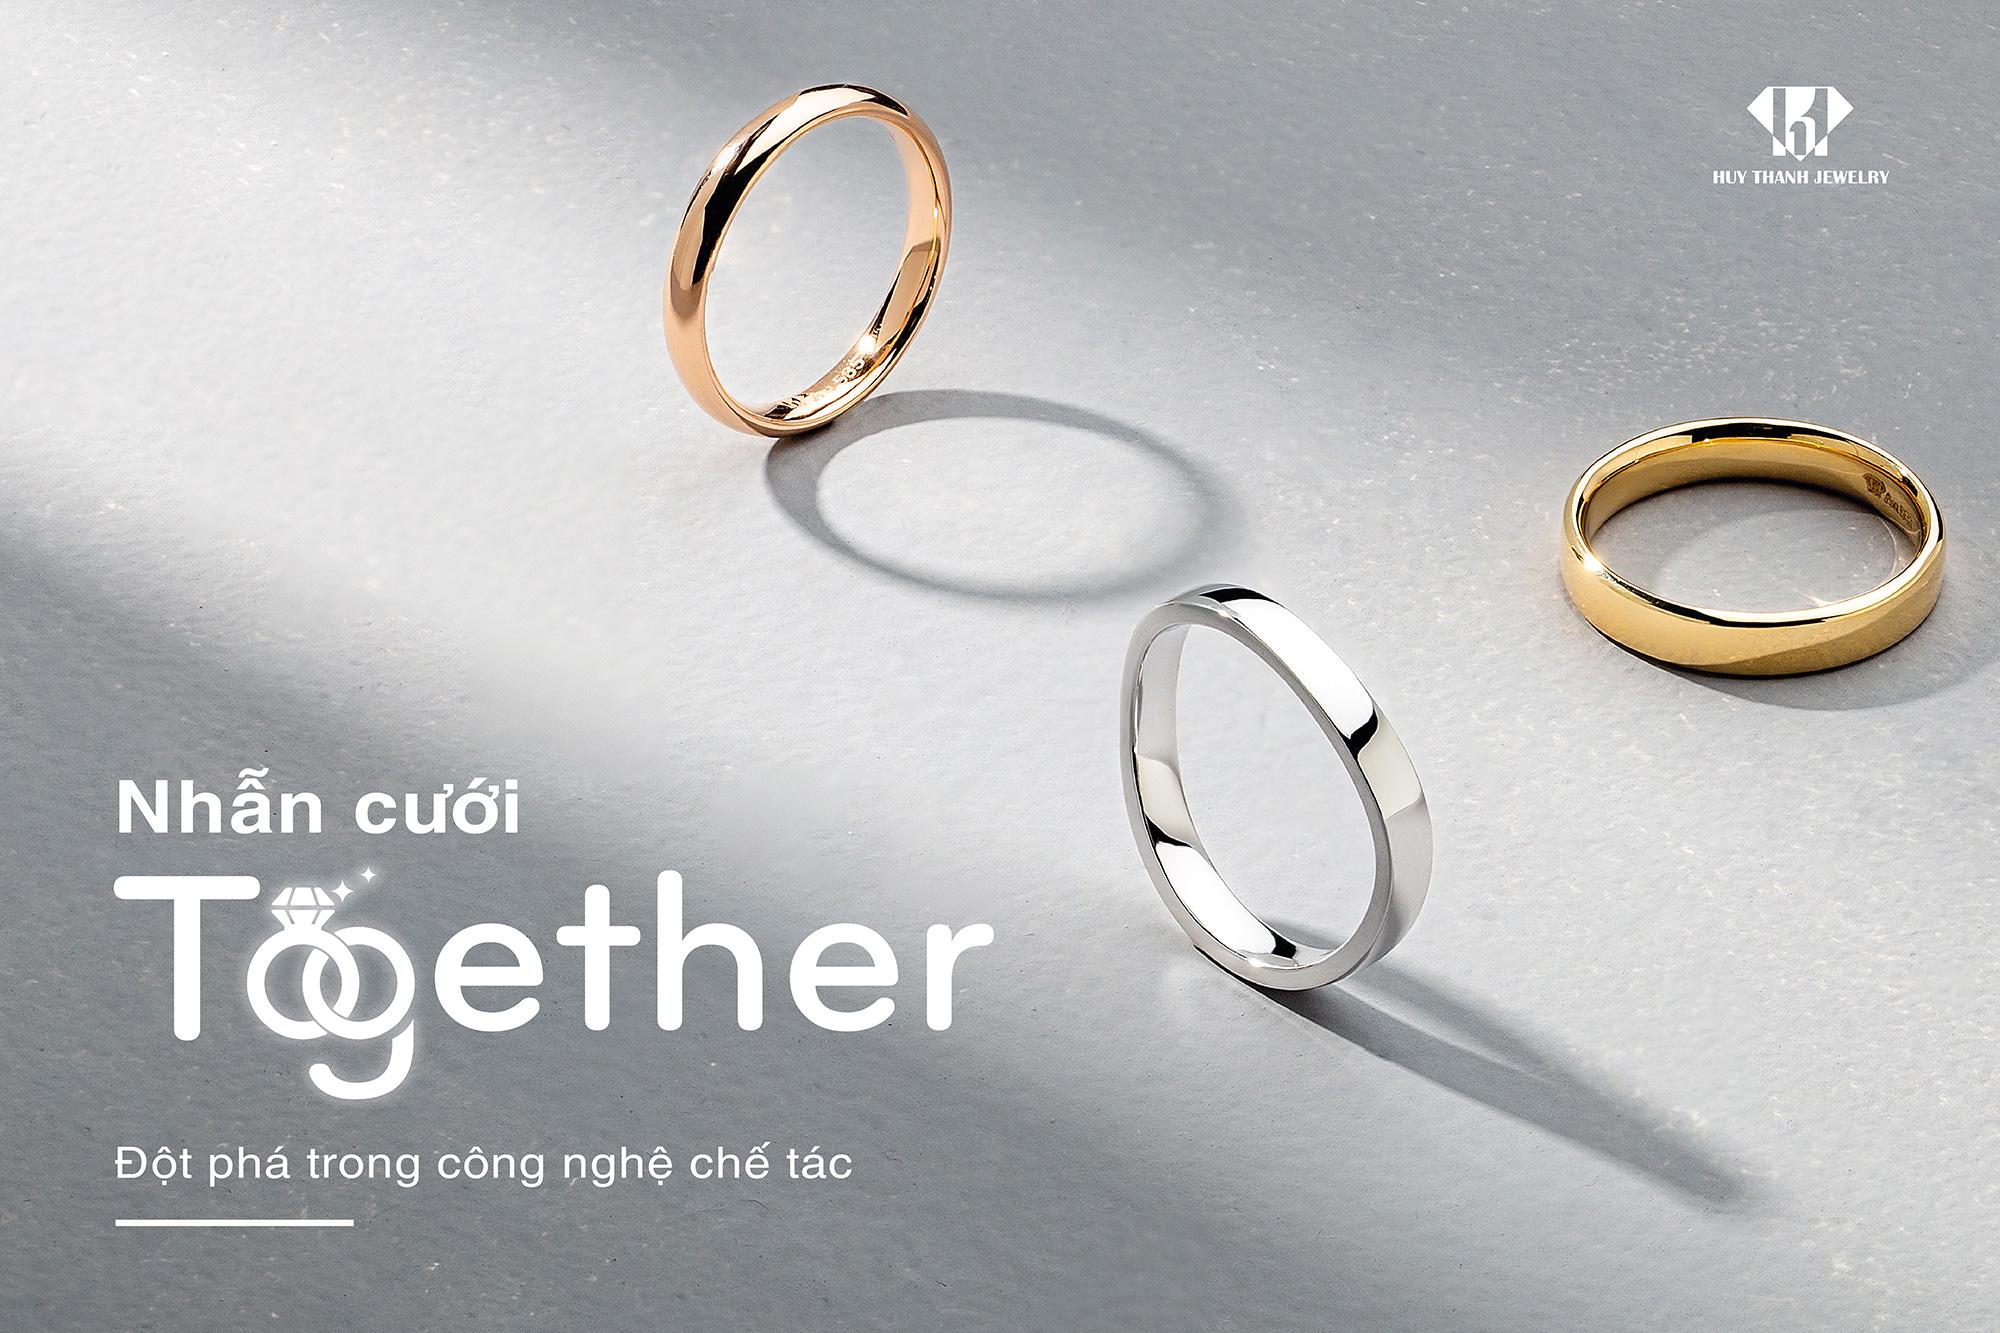 Doanh nhân 9X Đỗ Huy Thành: Vượt qua định kiến, thay đổi mô hình kinh doanh đã tạo nên thành công cho Huy Thanh Jewelry - Ảnh 8.